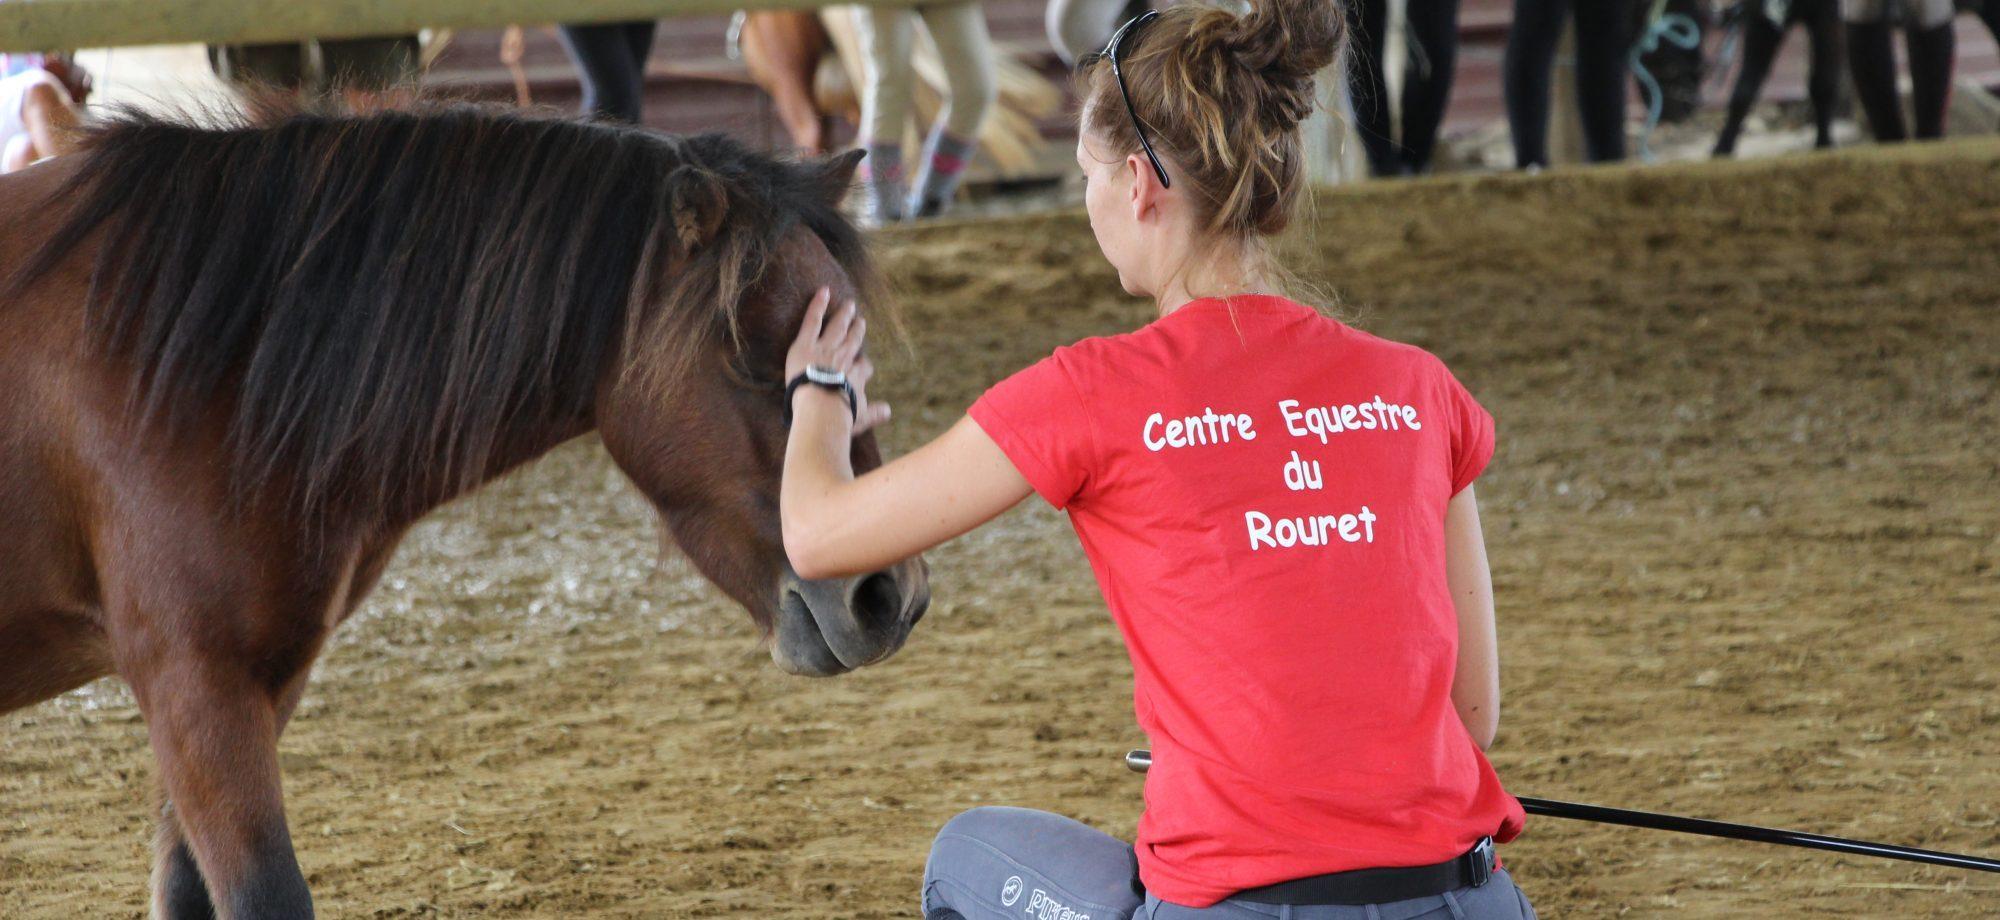 cours déquitation Centre Equestre du Rouret